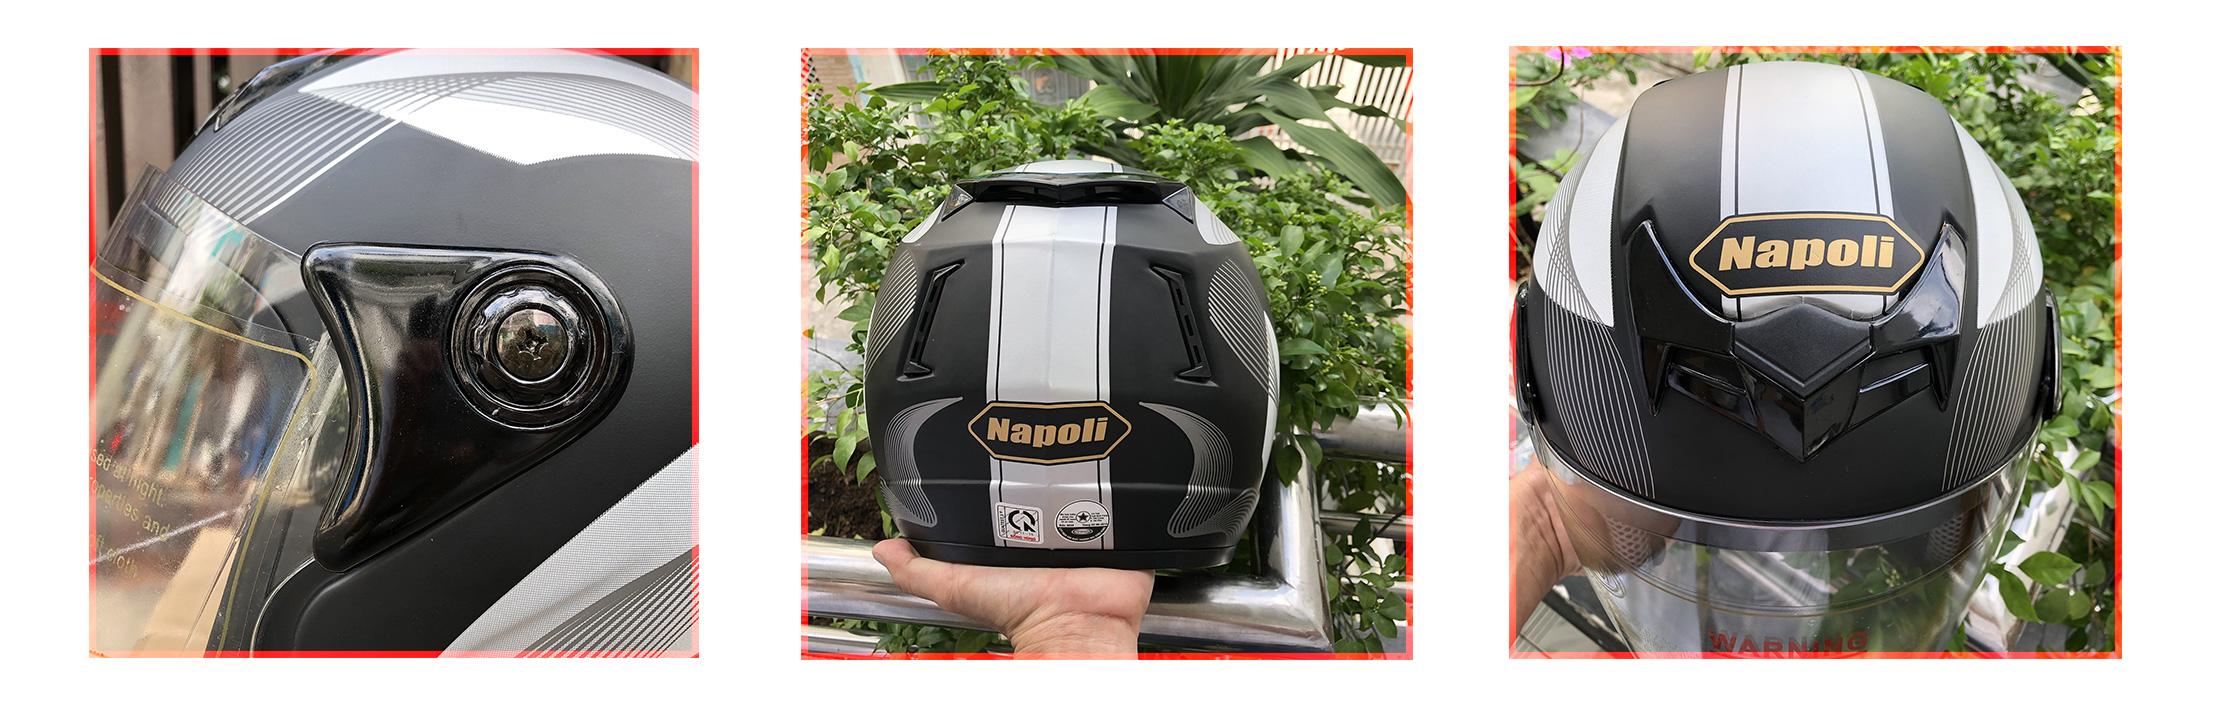 Mũ Bảo Hiểm Napoli 3/4 Đầu Tem Sóng Gió - HD001=219.000đ